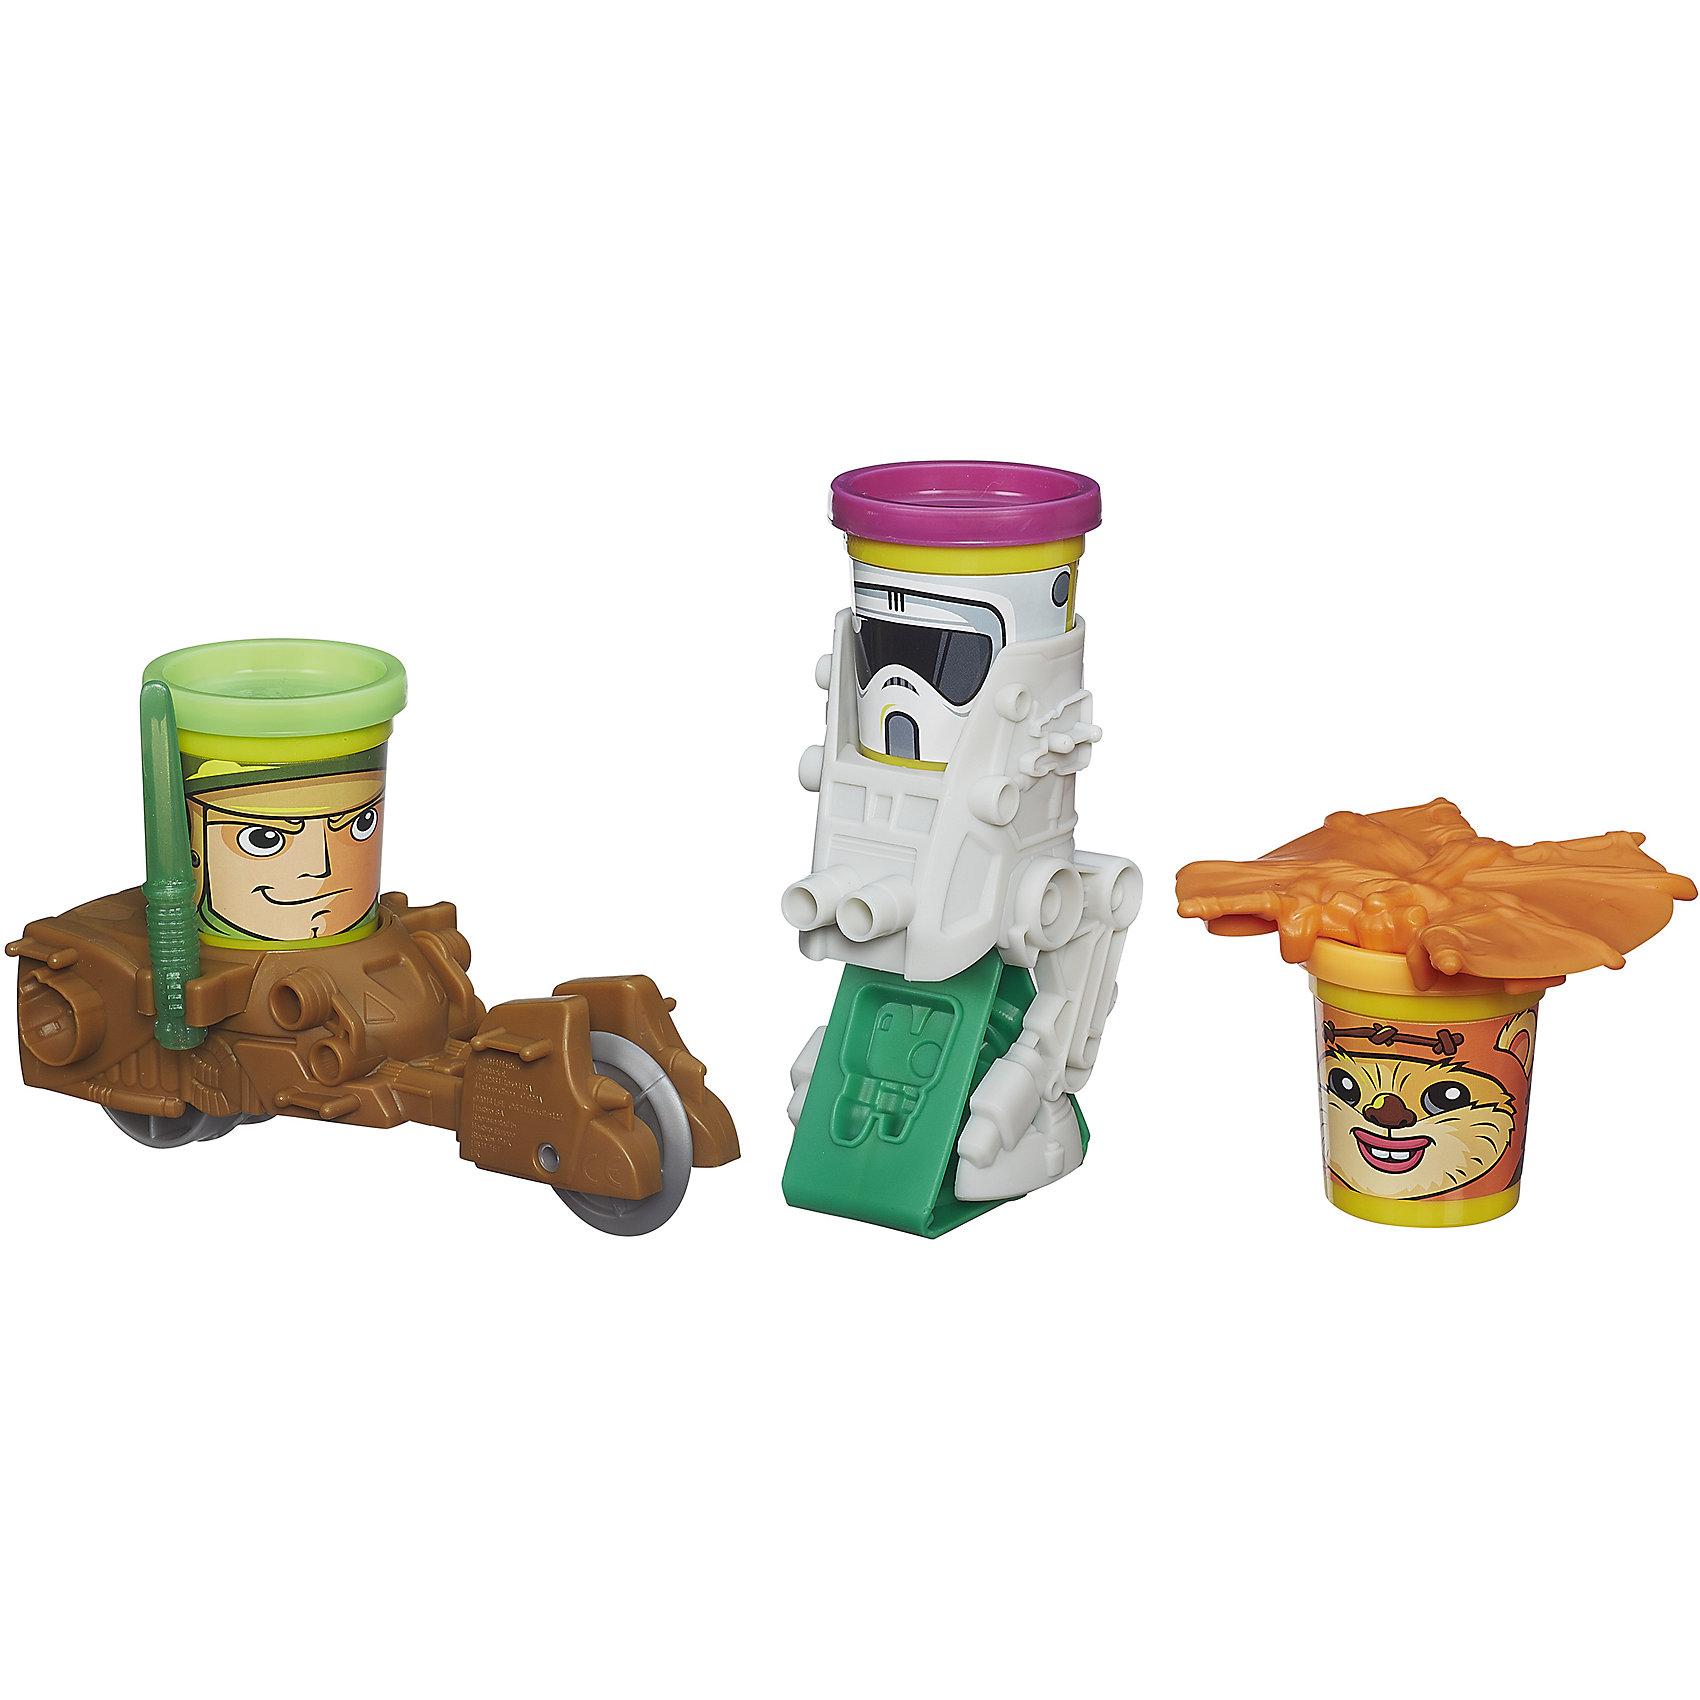 Транспортные средства героев Звездных войн, Play-Doh, var 1Звездные войны<br>Этот набор приведет в восторг всех юных любителей tar Wars. Теперь из пластилина можно слепить настоящий истребитель или крестокрыл, а потом играть с ним, как с настоящей игрушкой! Скорее перемещайся в волшебную галактику Play-Doh и отправляйся на поиски приключений!<br>Пластилин Play-Doh - уникальный материал для детского творчества. Он не прилипает к рукам, окрашен безопасным красителем, быстро высыхает и не имеет запаха. Пластилин сделан на основе натуральных съедобных продуктов, поэтому даже если ребенок проглотит его, ничего страшного не случится. <br><br>Дополнительная информация:<br><br>- Материал: пластилин, пластик.<br>- Размер упаковки: 21 x 23 x 7 см.<br>- Размер баночки пластилина: 5,5х5х5 см. <br>- Комплектация:  3 банки пластилина ( по 56 г), звездный истребитель X-wing, звездный истребитель TIE, 2 аксессуара.<br><br>Набор Транспортные средства героев Звездных войн, Play-Doh (Плей До), var 1, можно купить в нашем магазине.<br><br>Ширина мм: 67<br>Глубина мм: 203<br>Высота мм: 229<br>Вес г: 544<br>Возраст от месяцев: 36<br>Возраст до месяцев: 72<br>Пол: Мужской<br>Возраст: Детский<br>SKU: 4563962